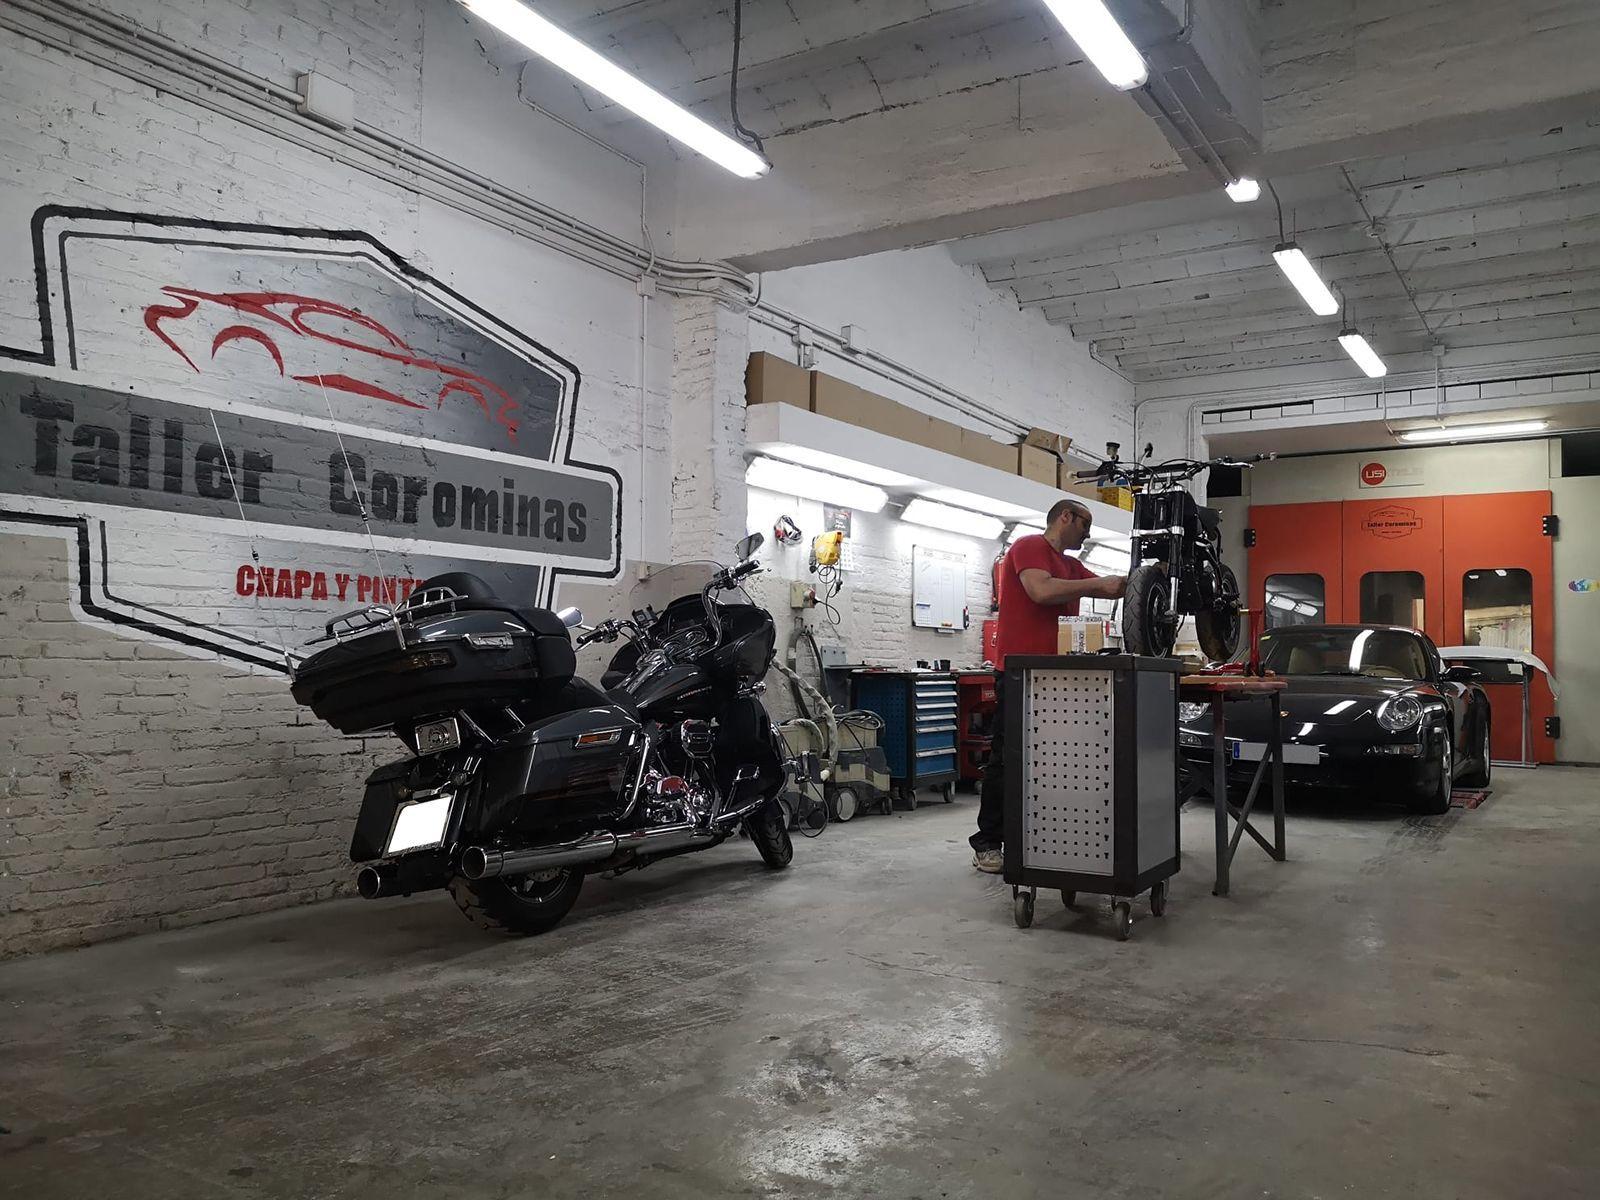 Taller de reparación de motos Hospitalet de Llobregat